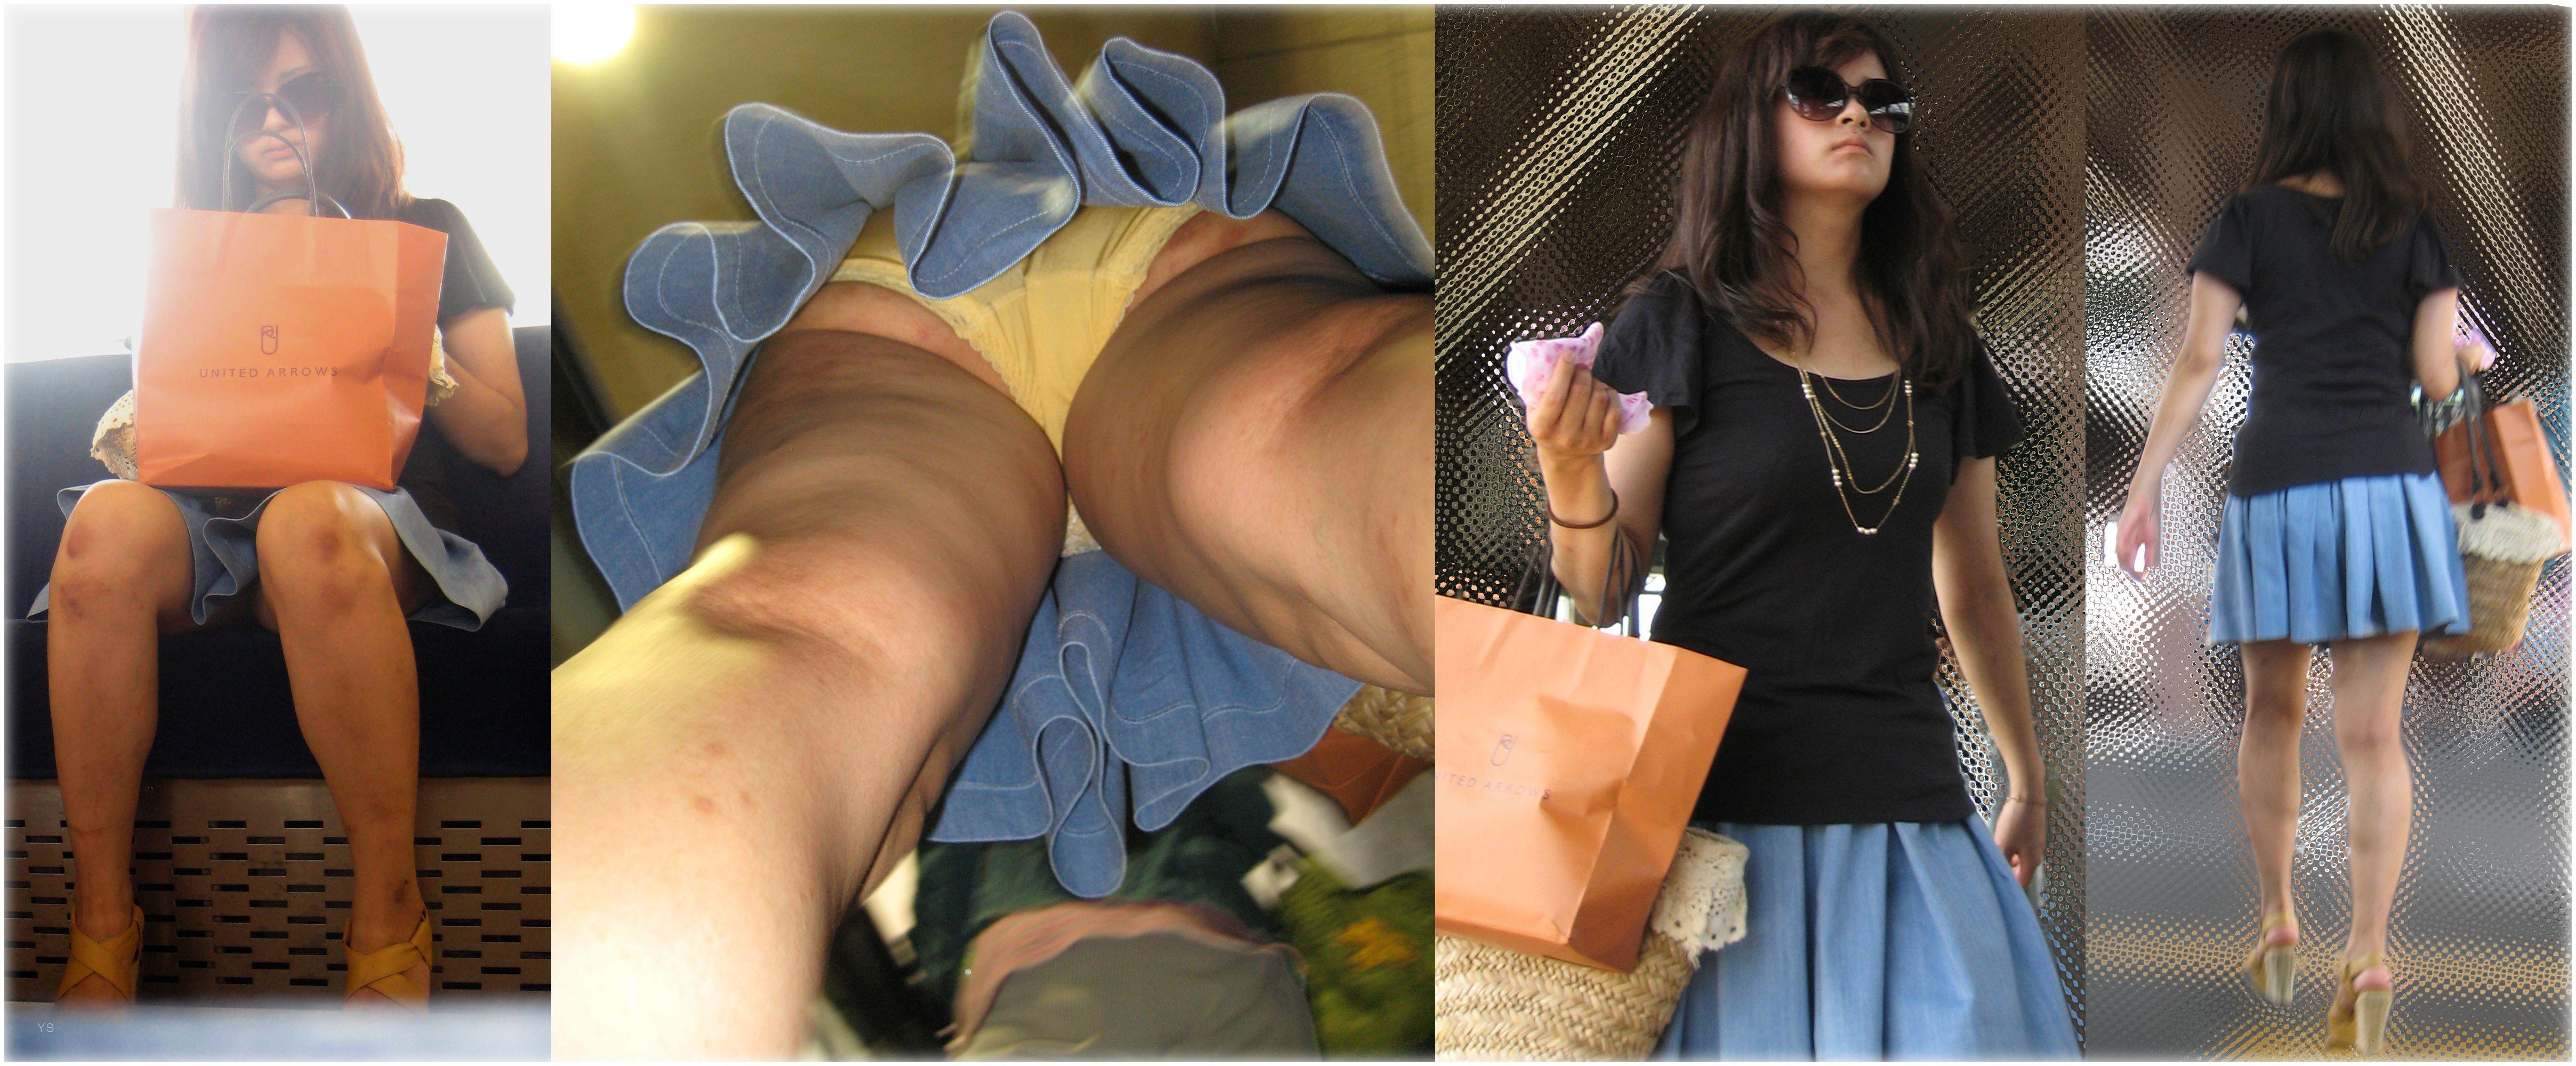 【パンチラエロ画像】どんな下着も丸見え!ムッチリ股間を逆さ撮りwww 05